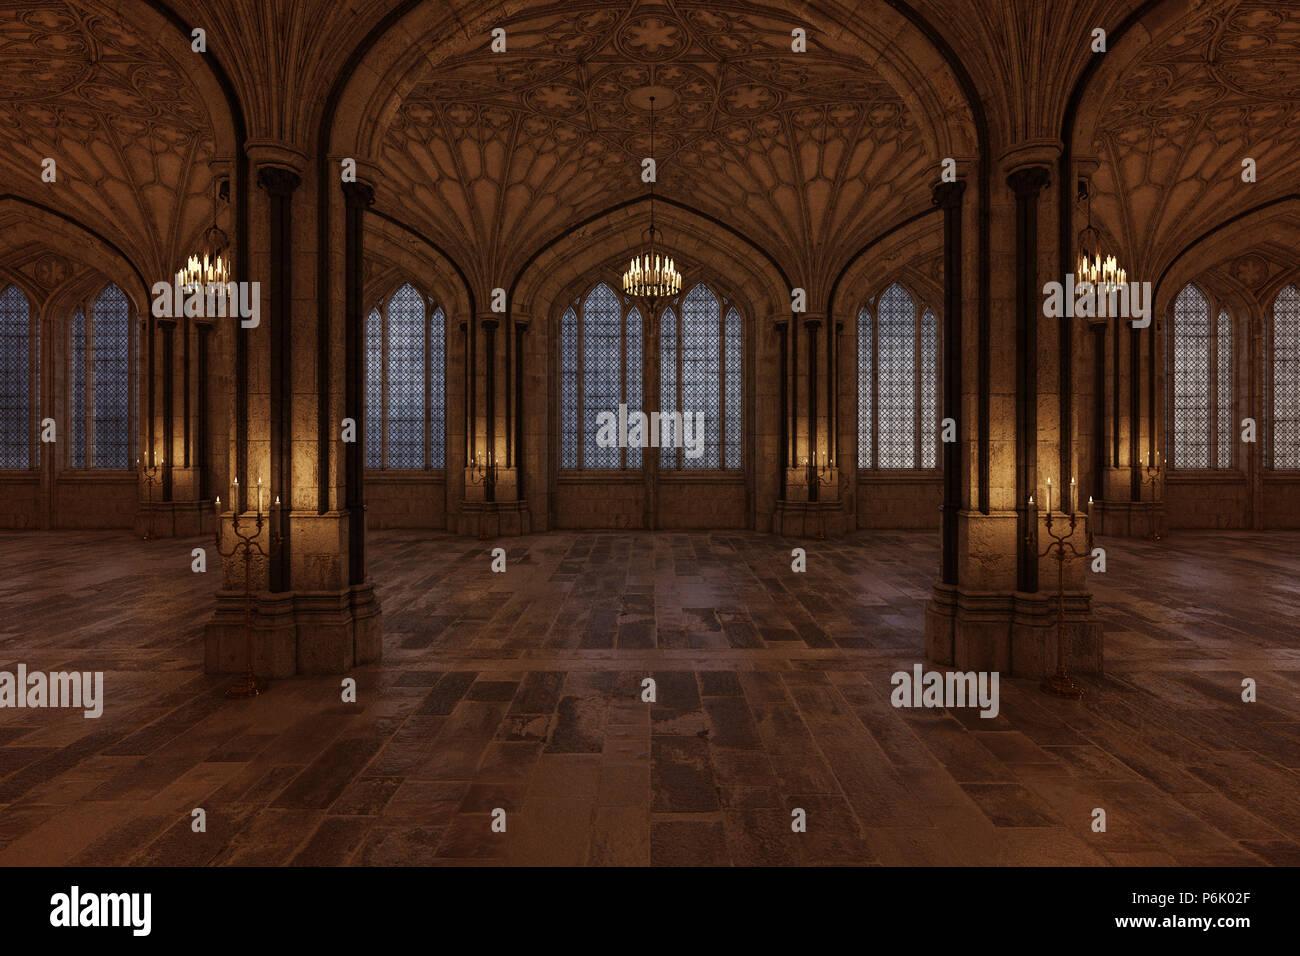 La sala da ballo del palazzo con candele illuminazione della